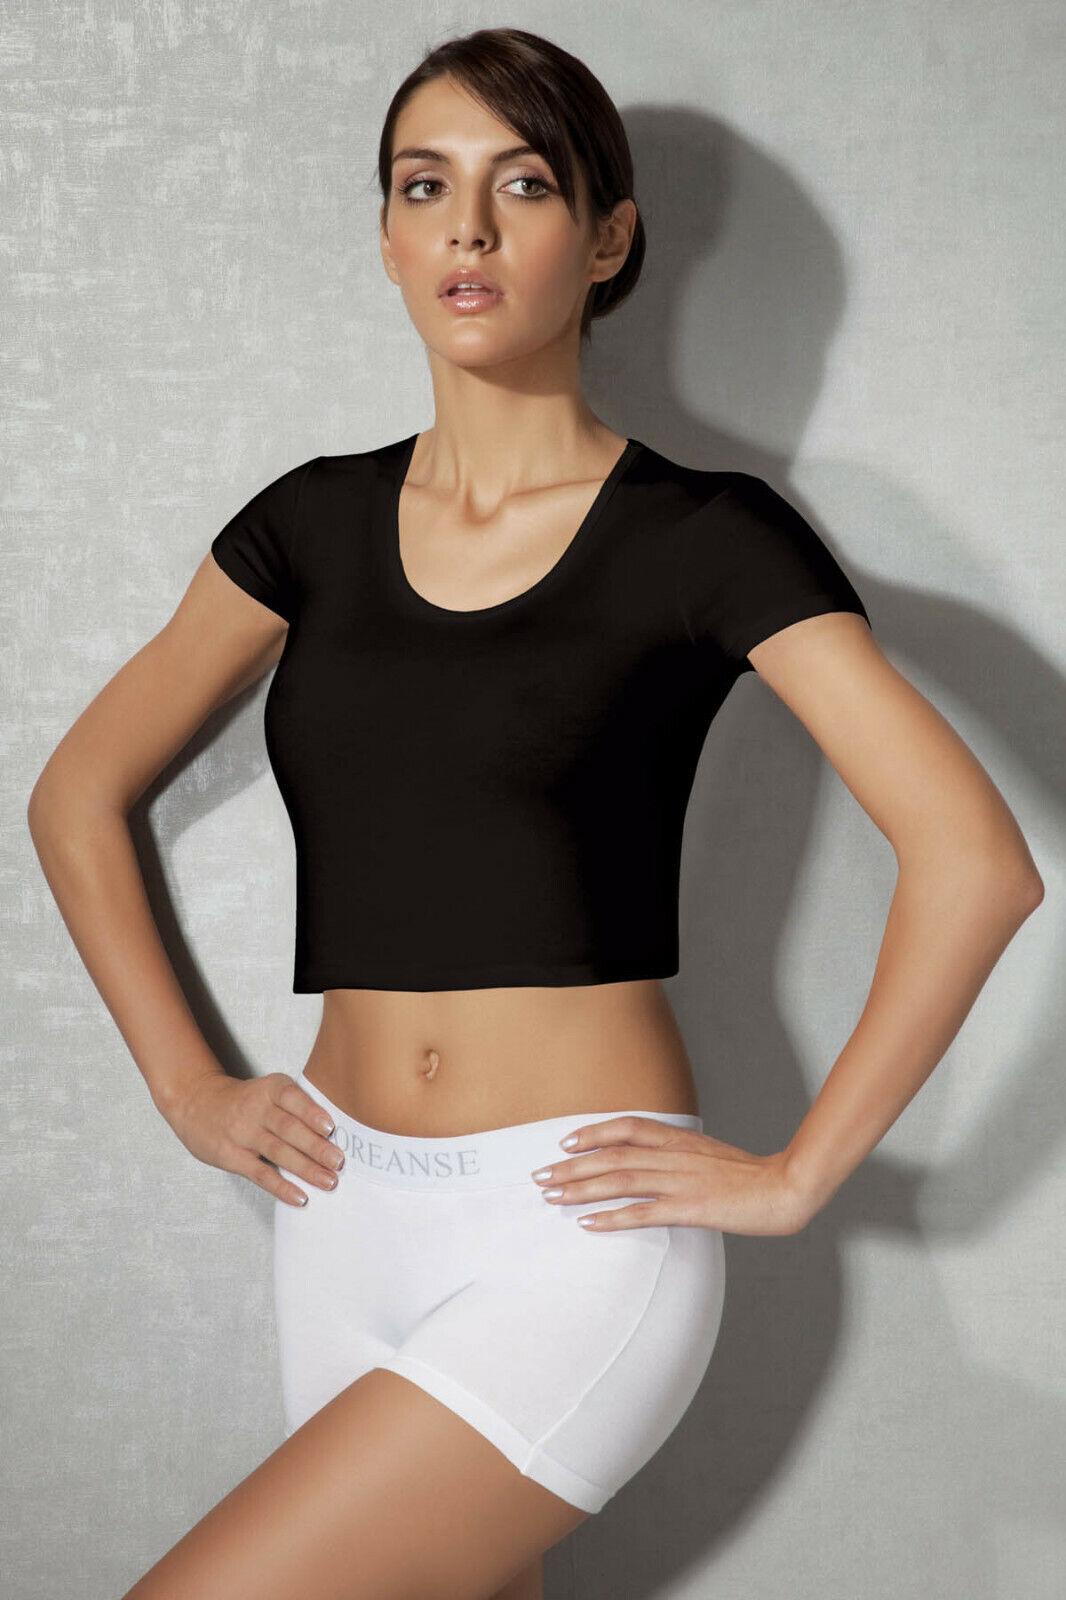 Crop Top Cropped Top Damen Bauchfrei Shortsleeve T-Shirt  von Doreanse Underwear